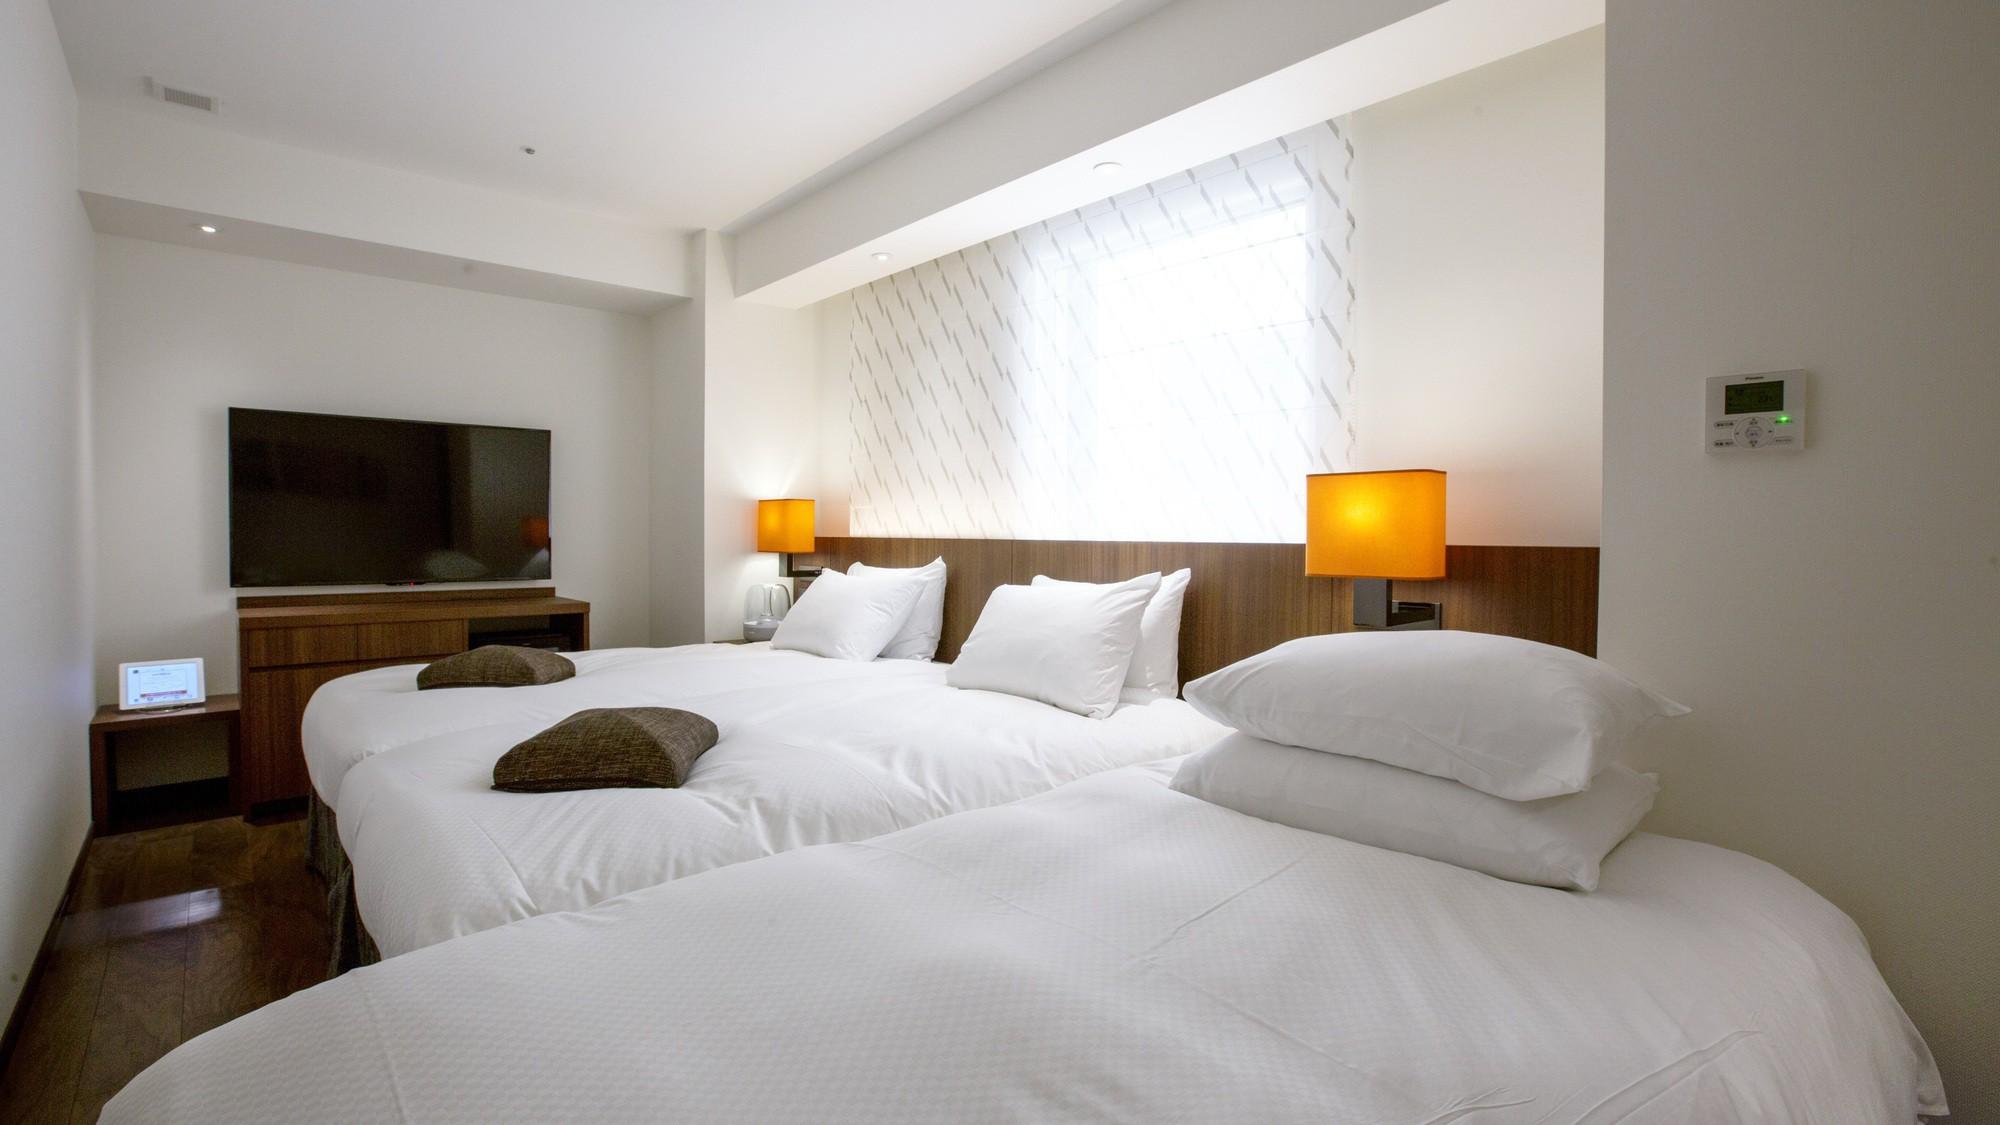 「スーペリアツイン」はベッドを追加してトリプルルームとしてもお使いいただけます。